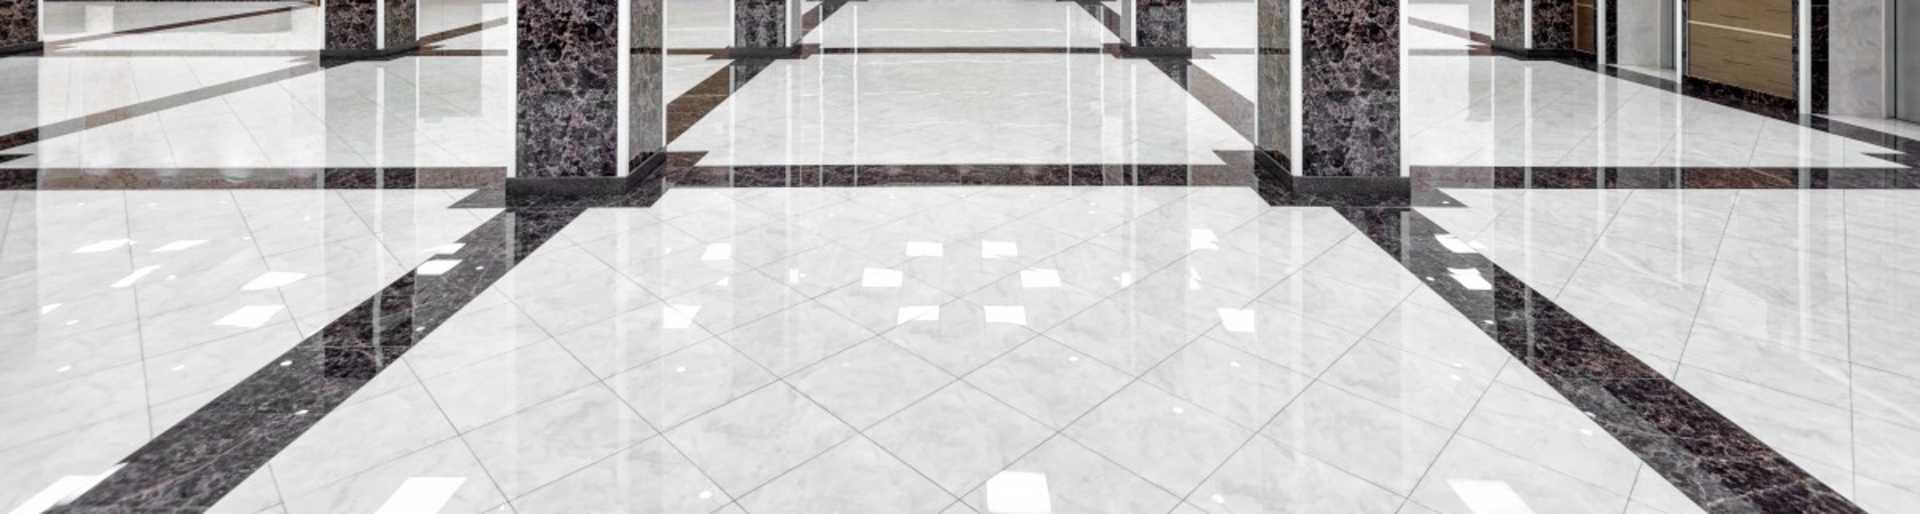 Finished Basement Floor   Basement Flooring Contractors